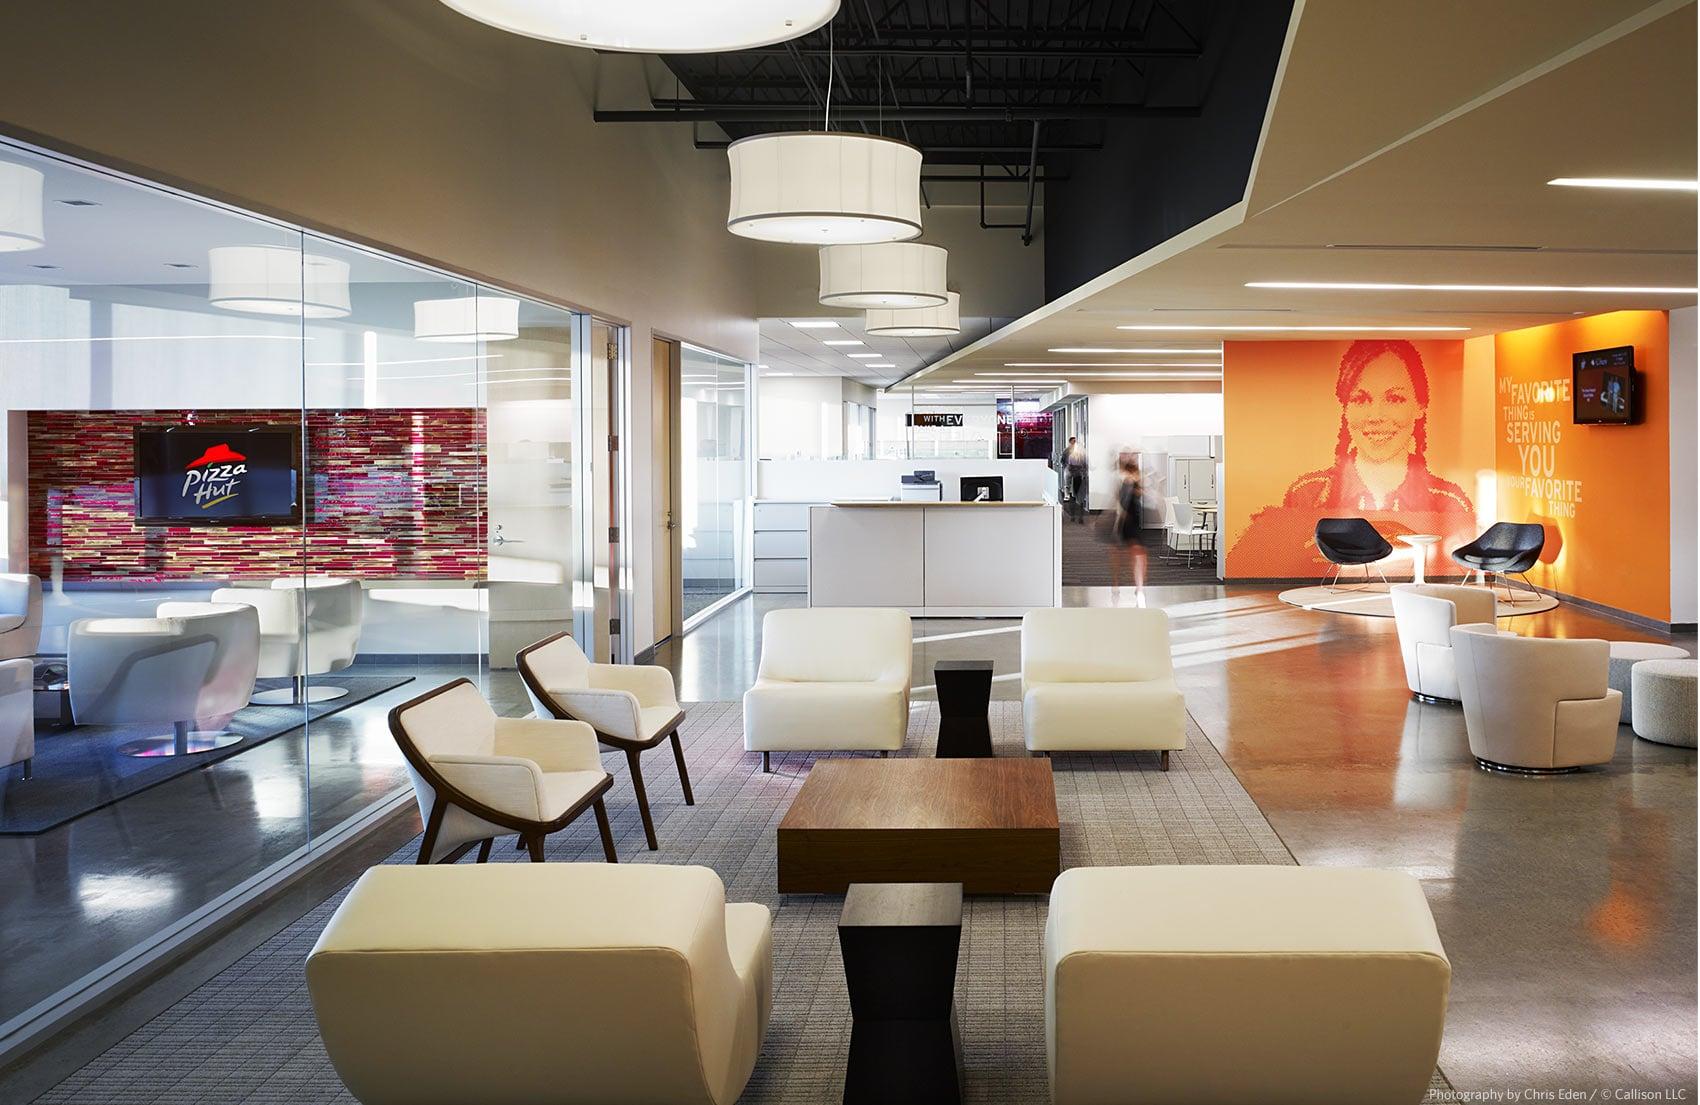 Pizza Hut - Yumi Brands HQ - Office interior